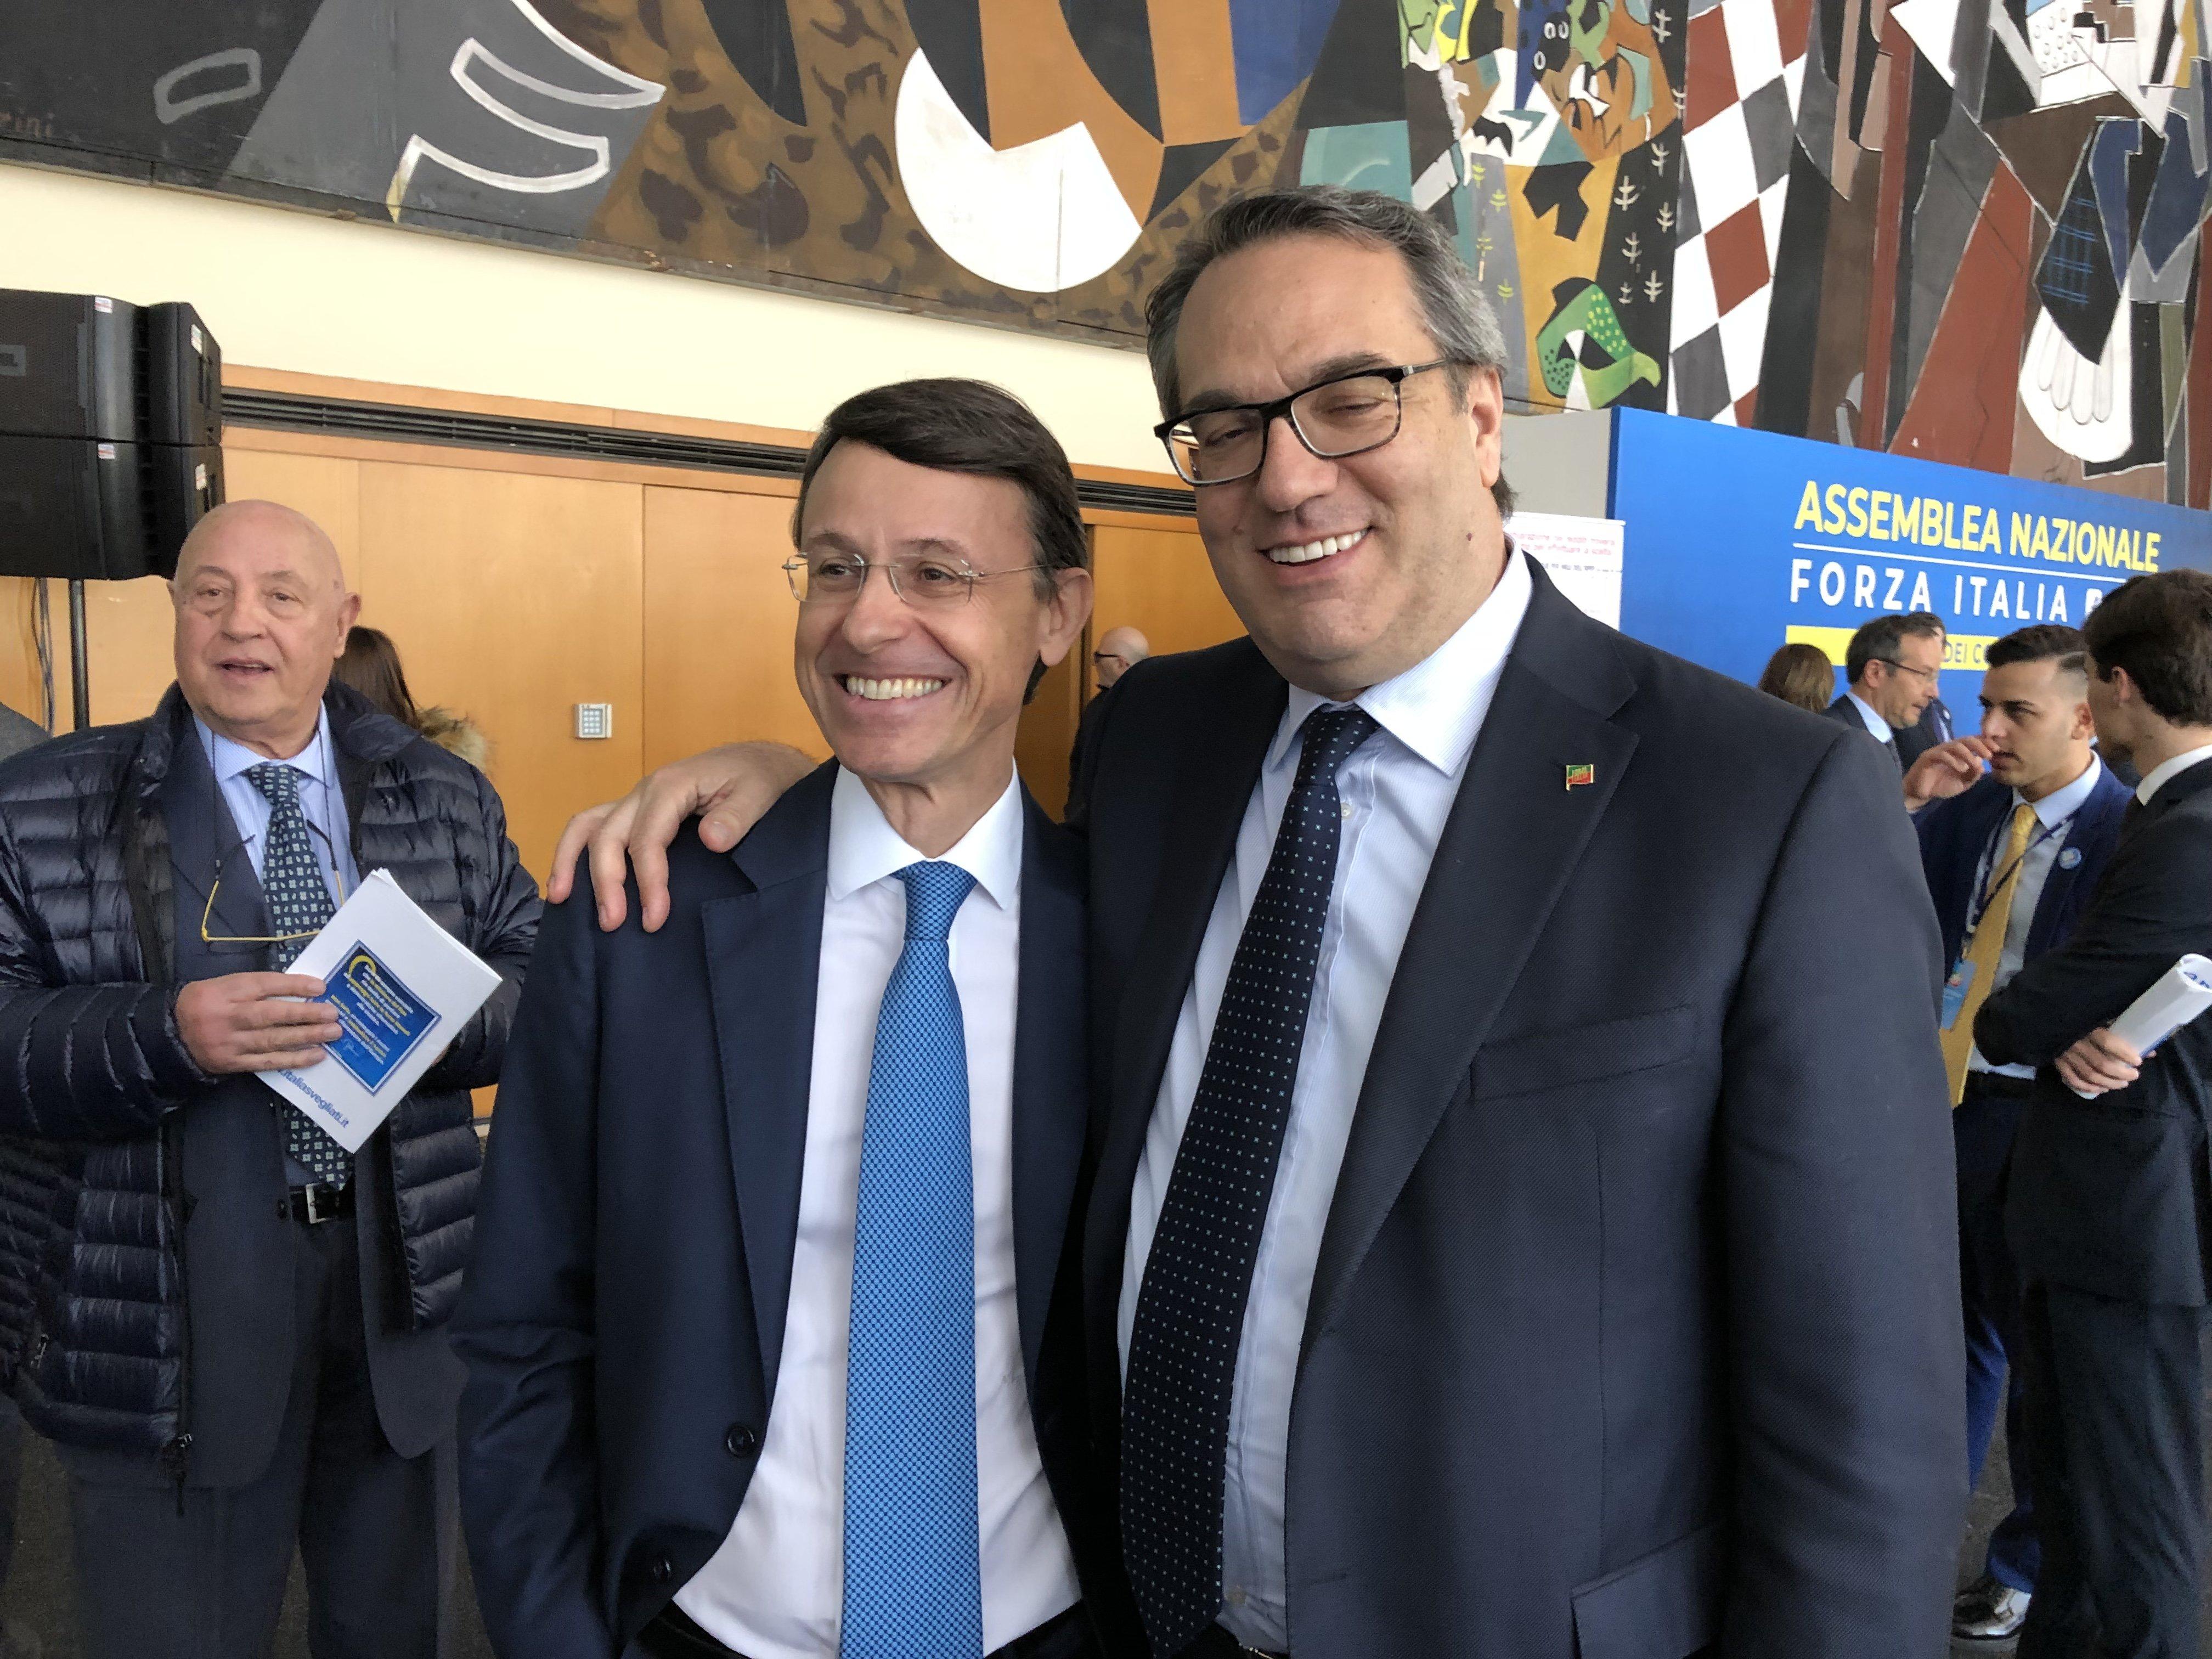 Assemblea Nazionale: Arezzo c'è! 29